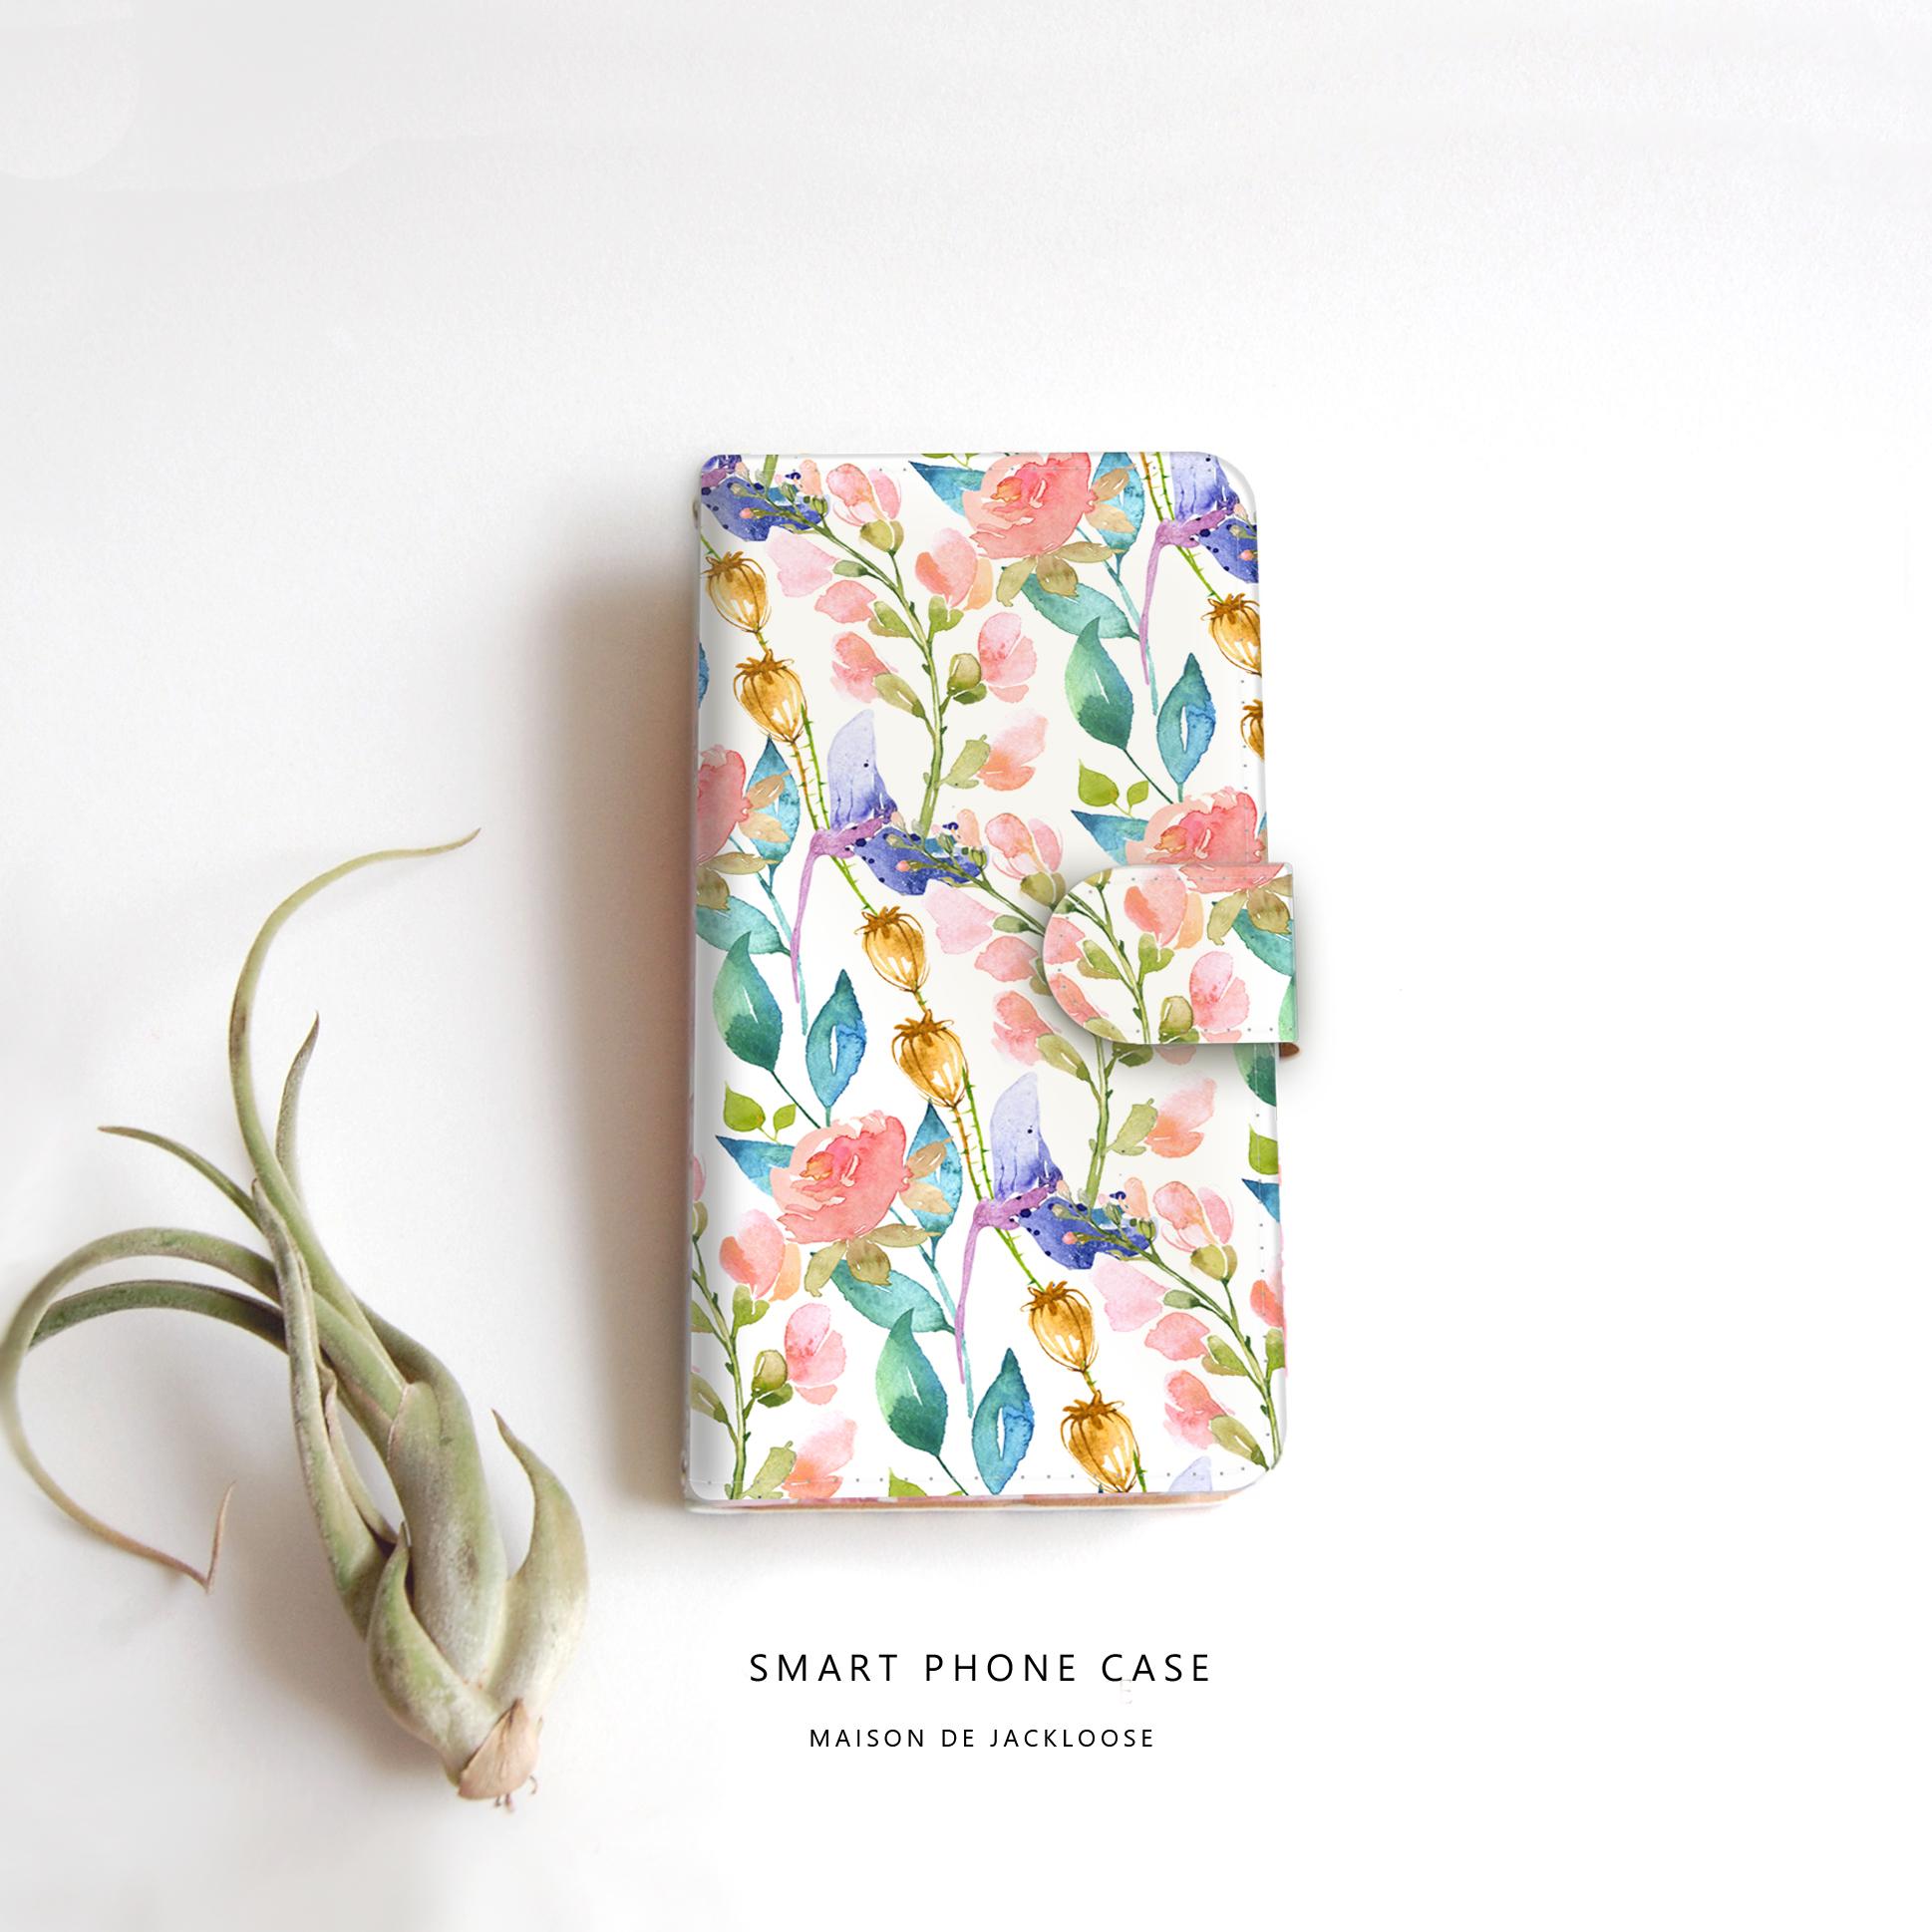 優しく香るローズガーデン水彩♪ワンランク上の色鮮やかなボタニカルスマホ手帳型。